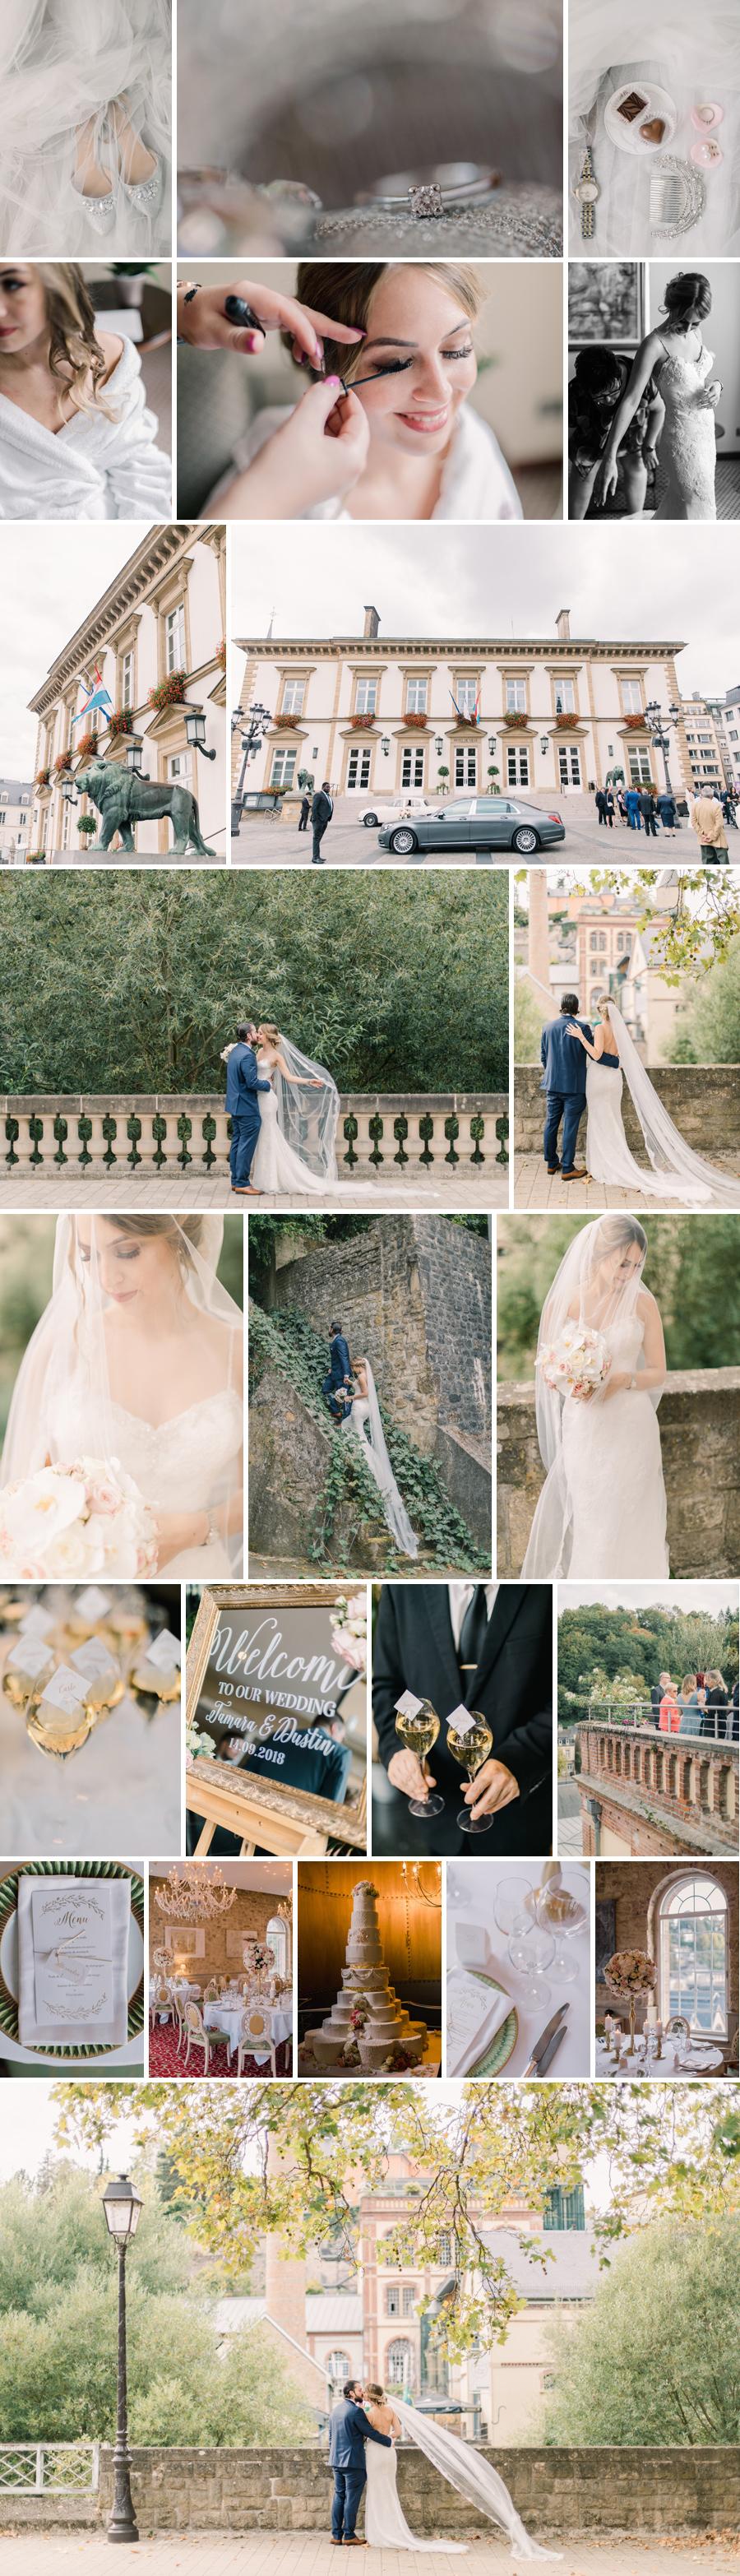 mariage luxembourg photographe hoffman